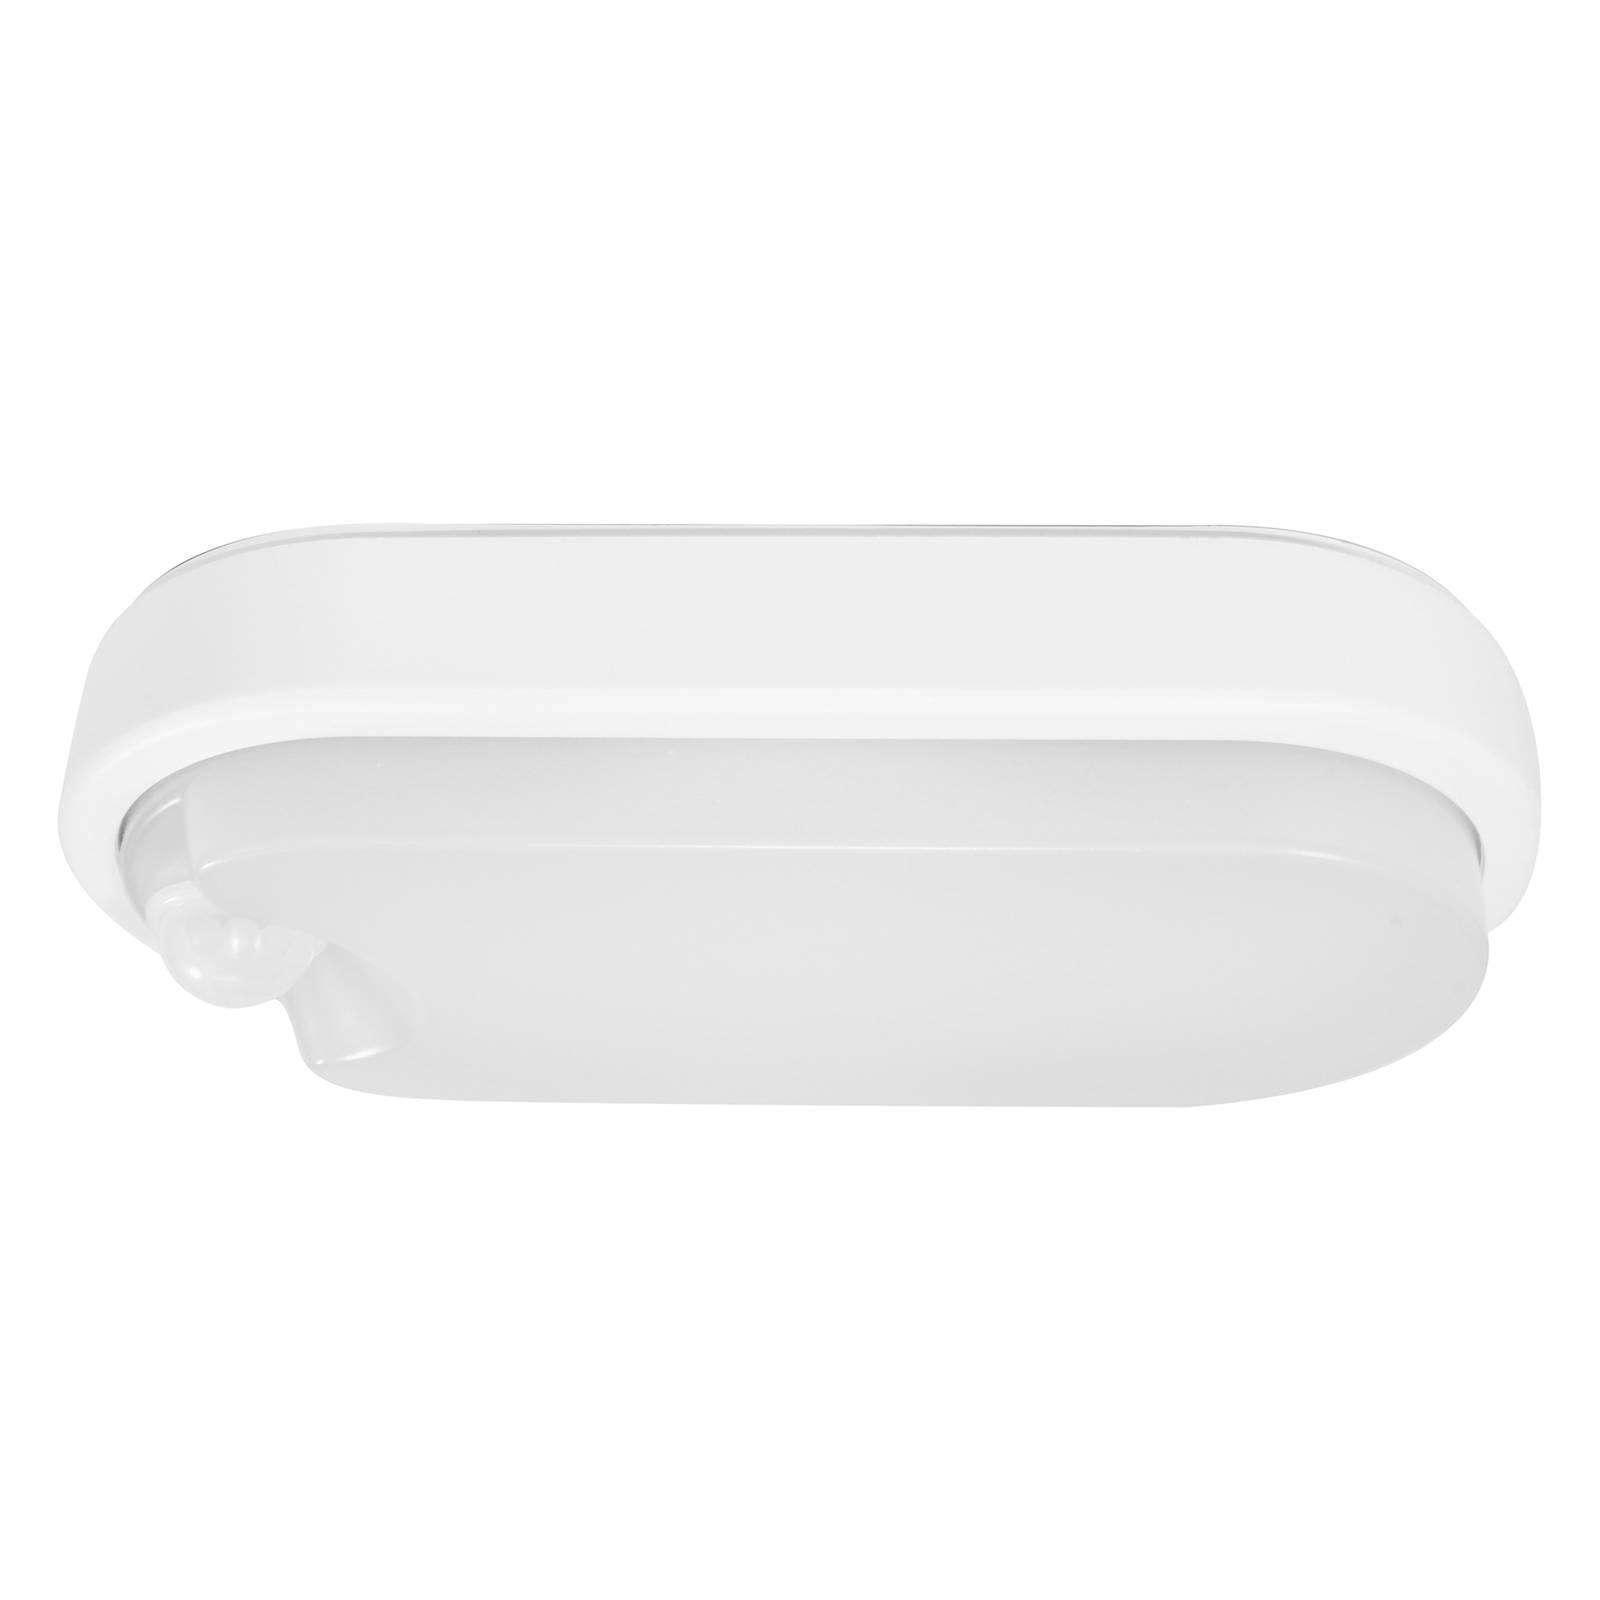 deckenlampen von starlicht und andere lampen f r wohnzimmer online kaufen bei m bel garten. Black Bedroom Furniture Sets. Home Design Ideas